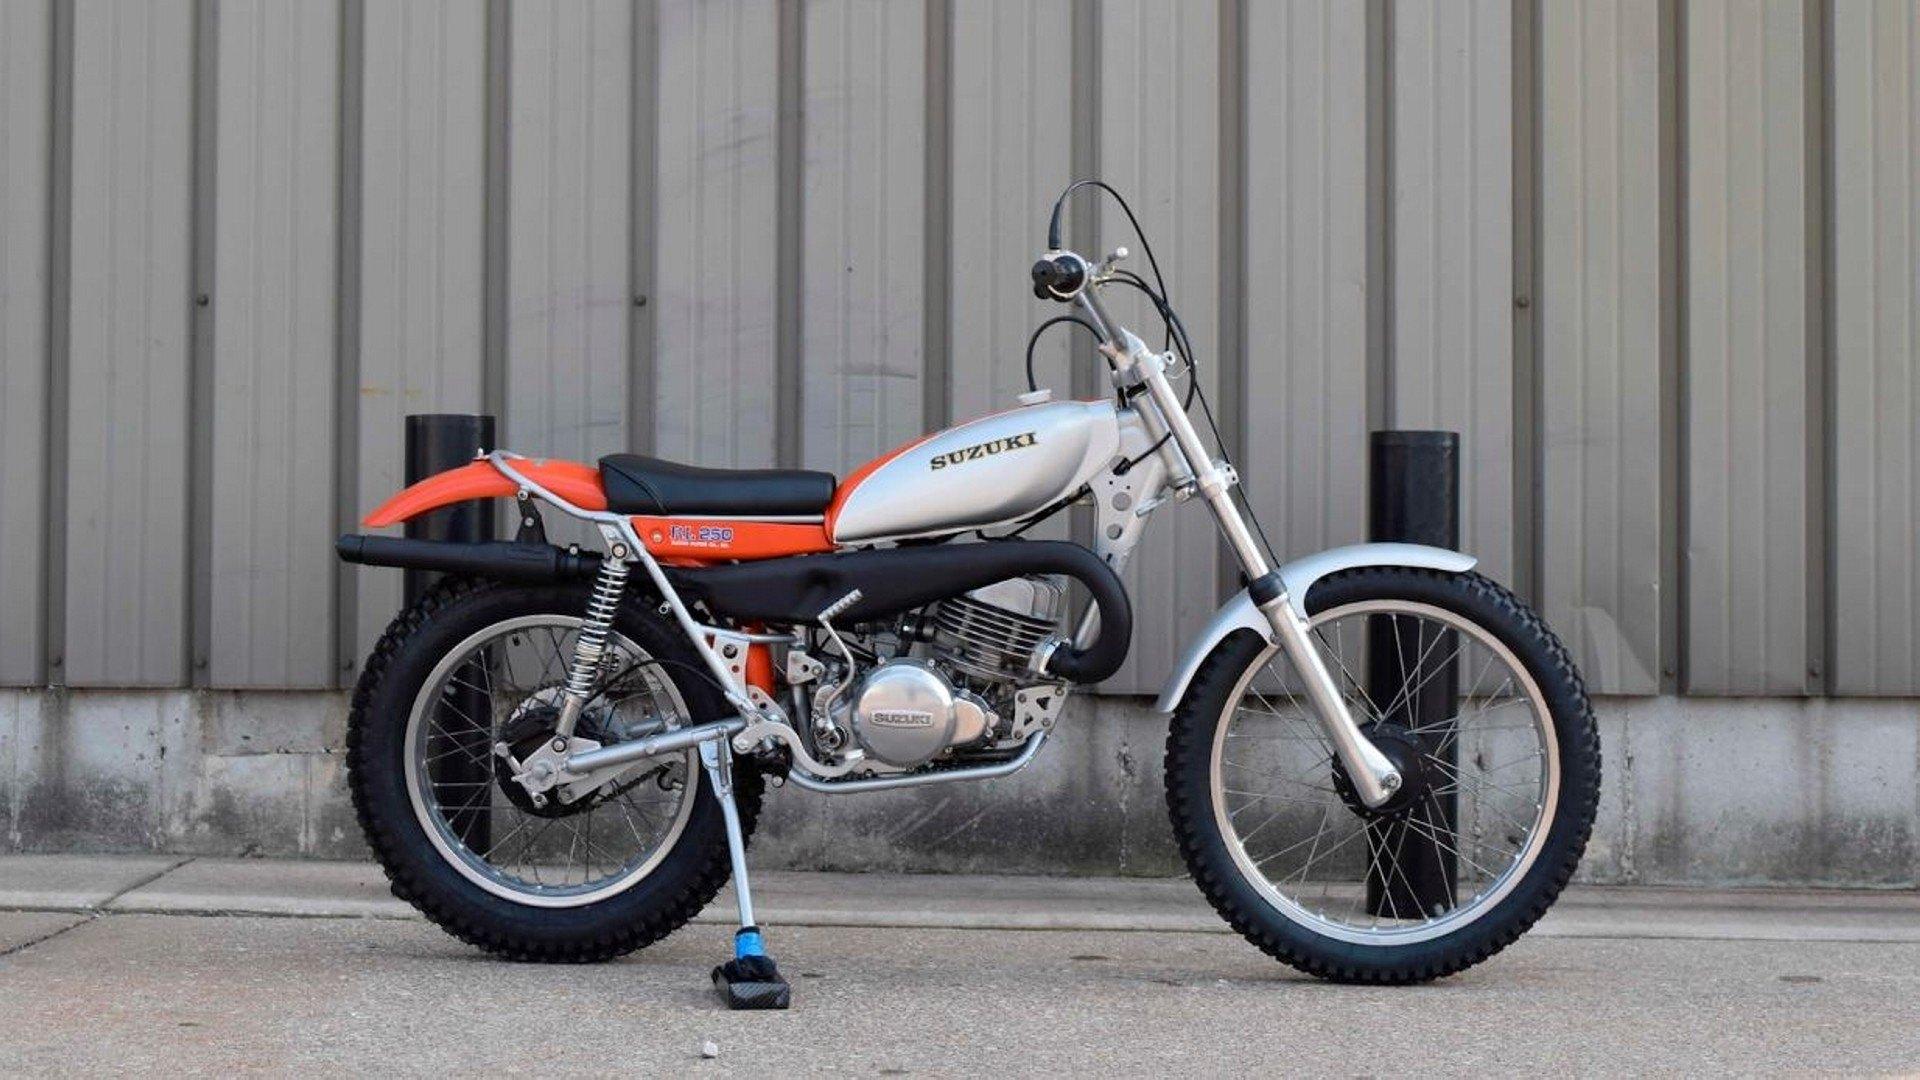 Moto del día: Suzuki RL 250 Exacta